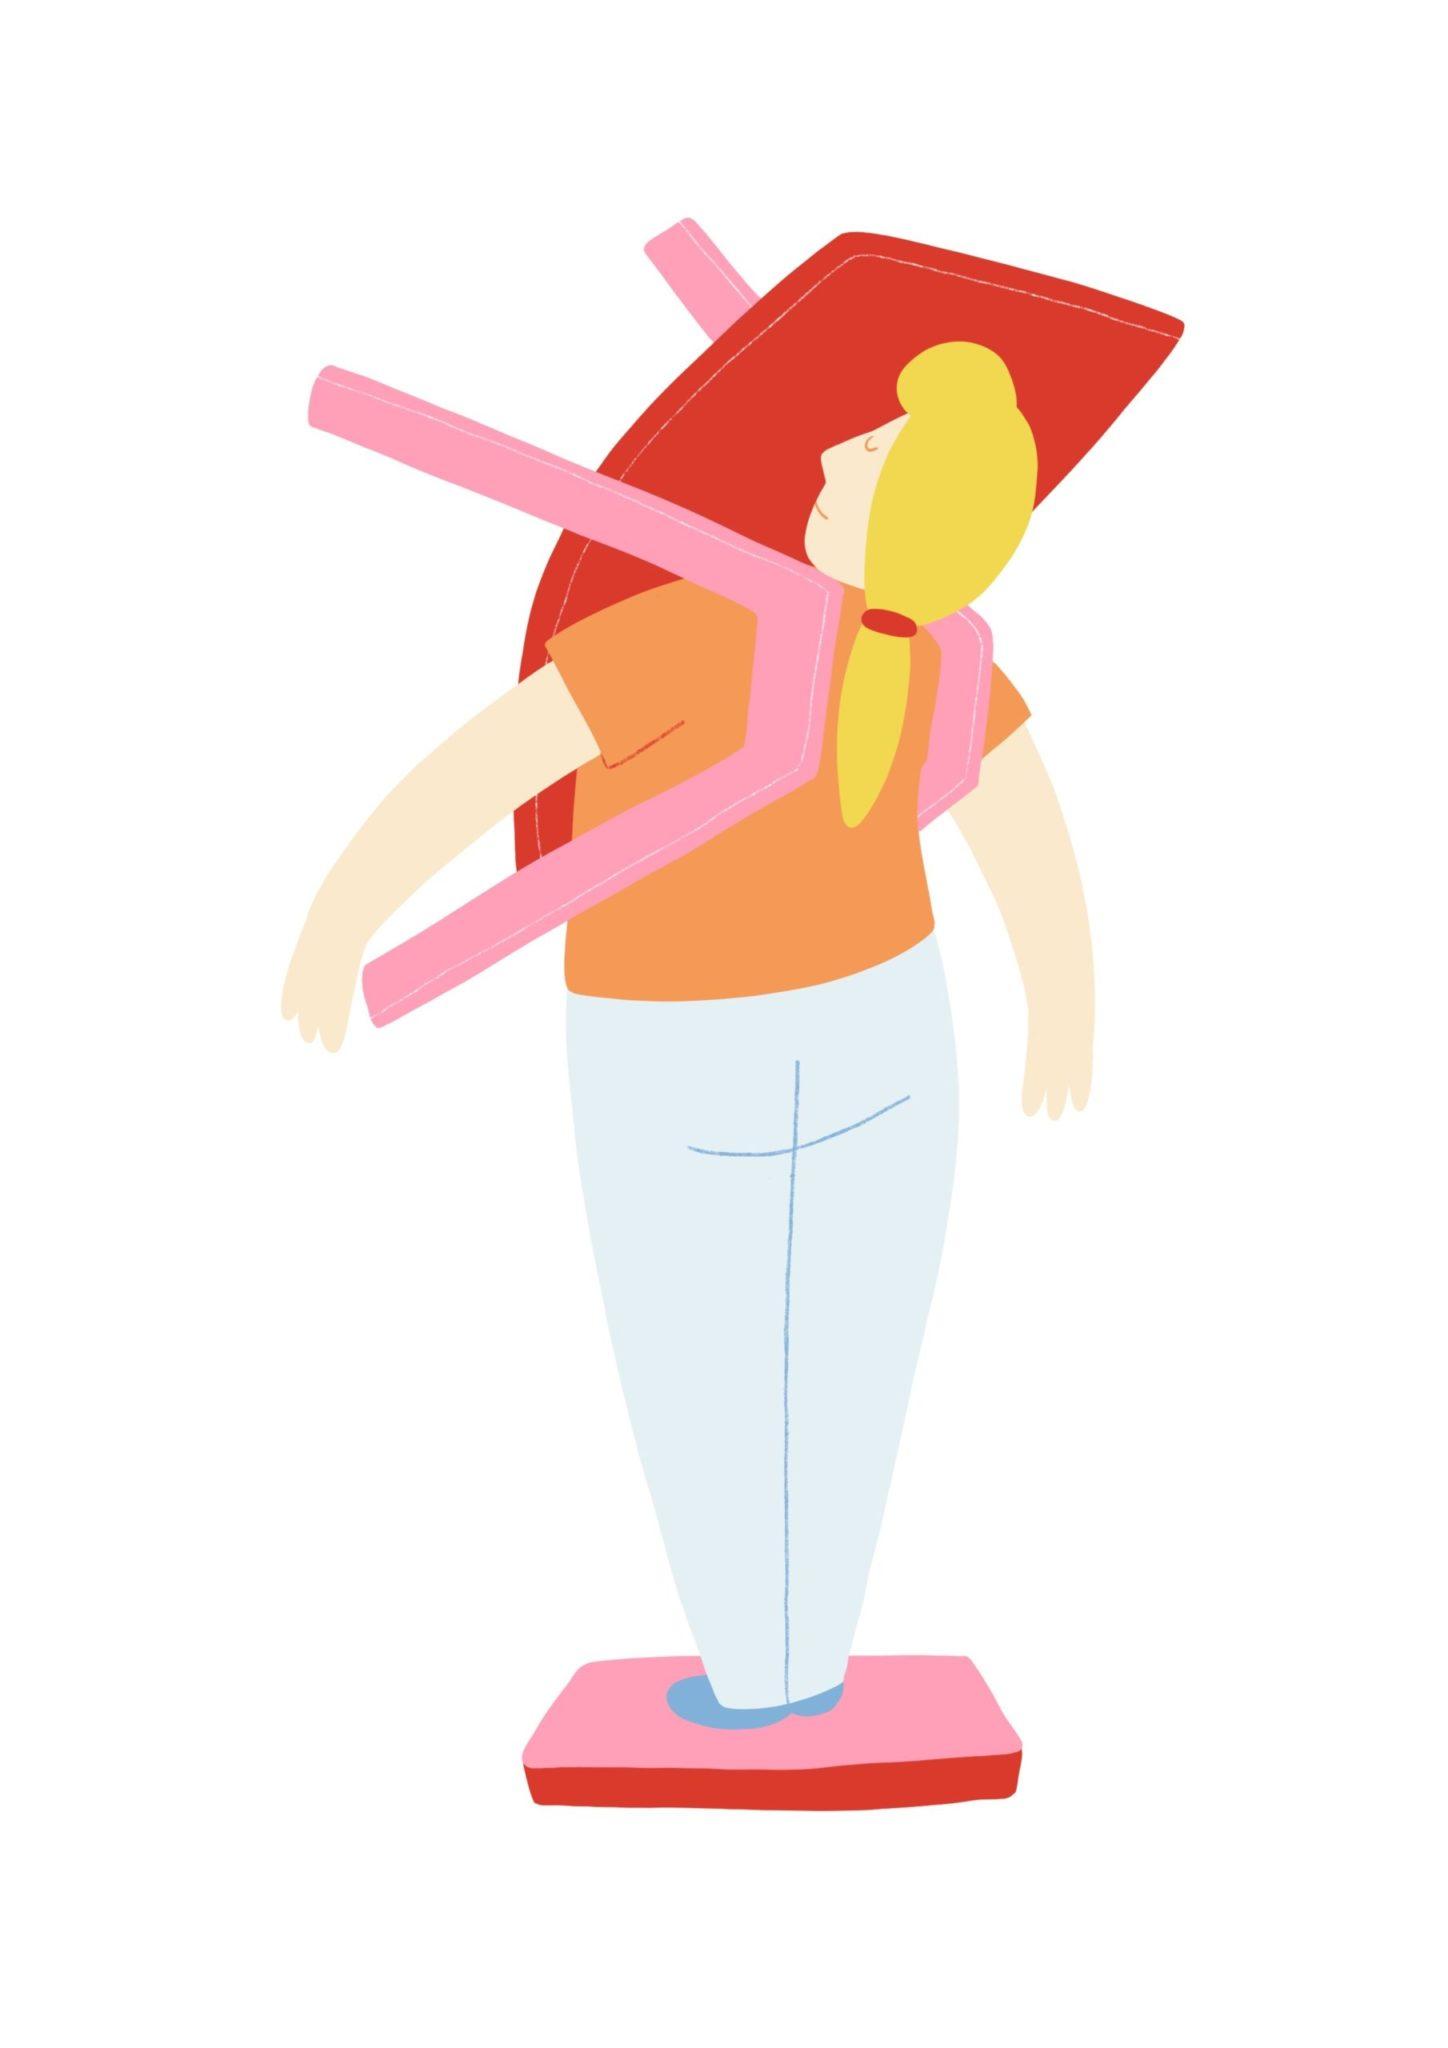 Illustration aus dem Reader Grundbegriffe für kulturelle Bildung Kapitel Partizipative Künste im Rahmen kultureller Bildung